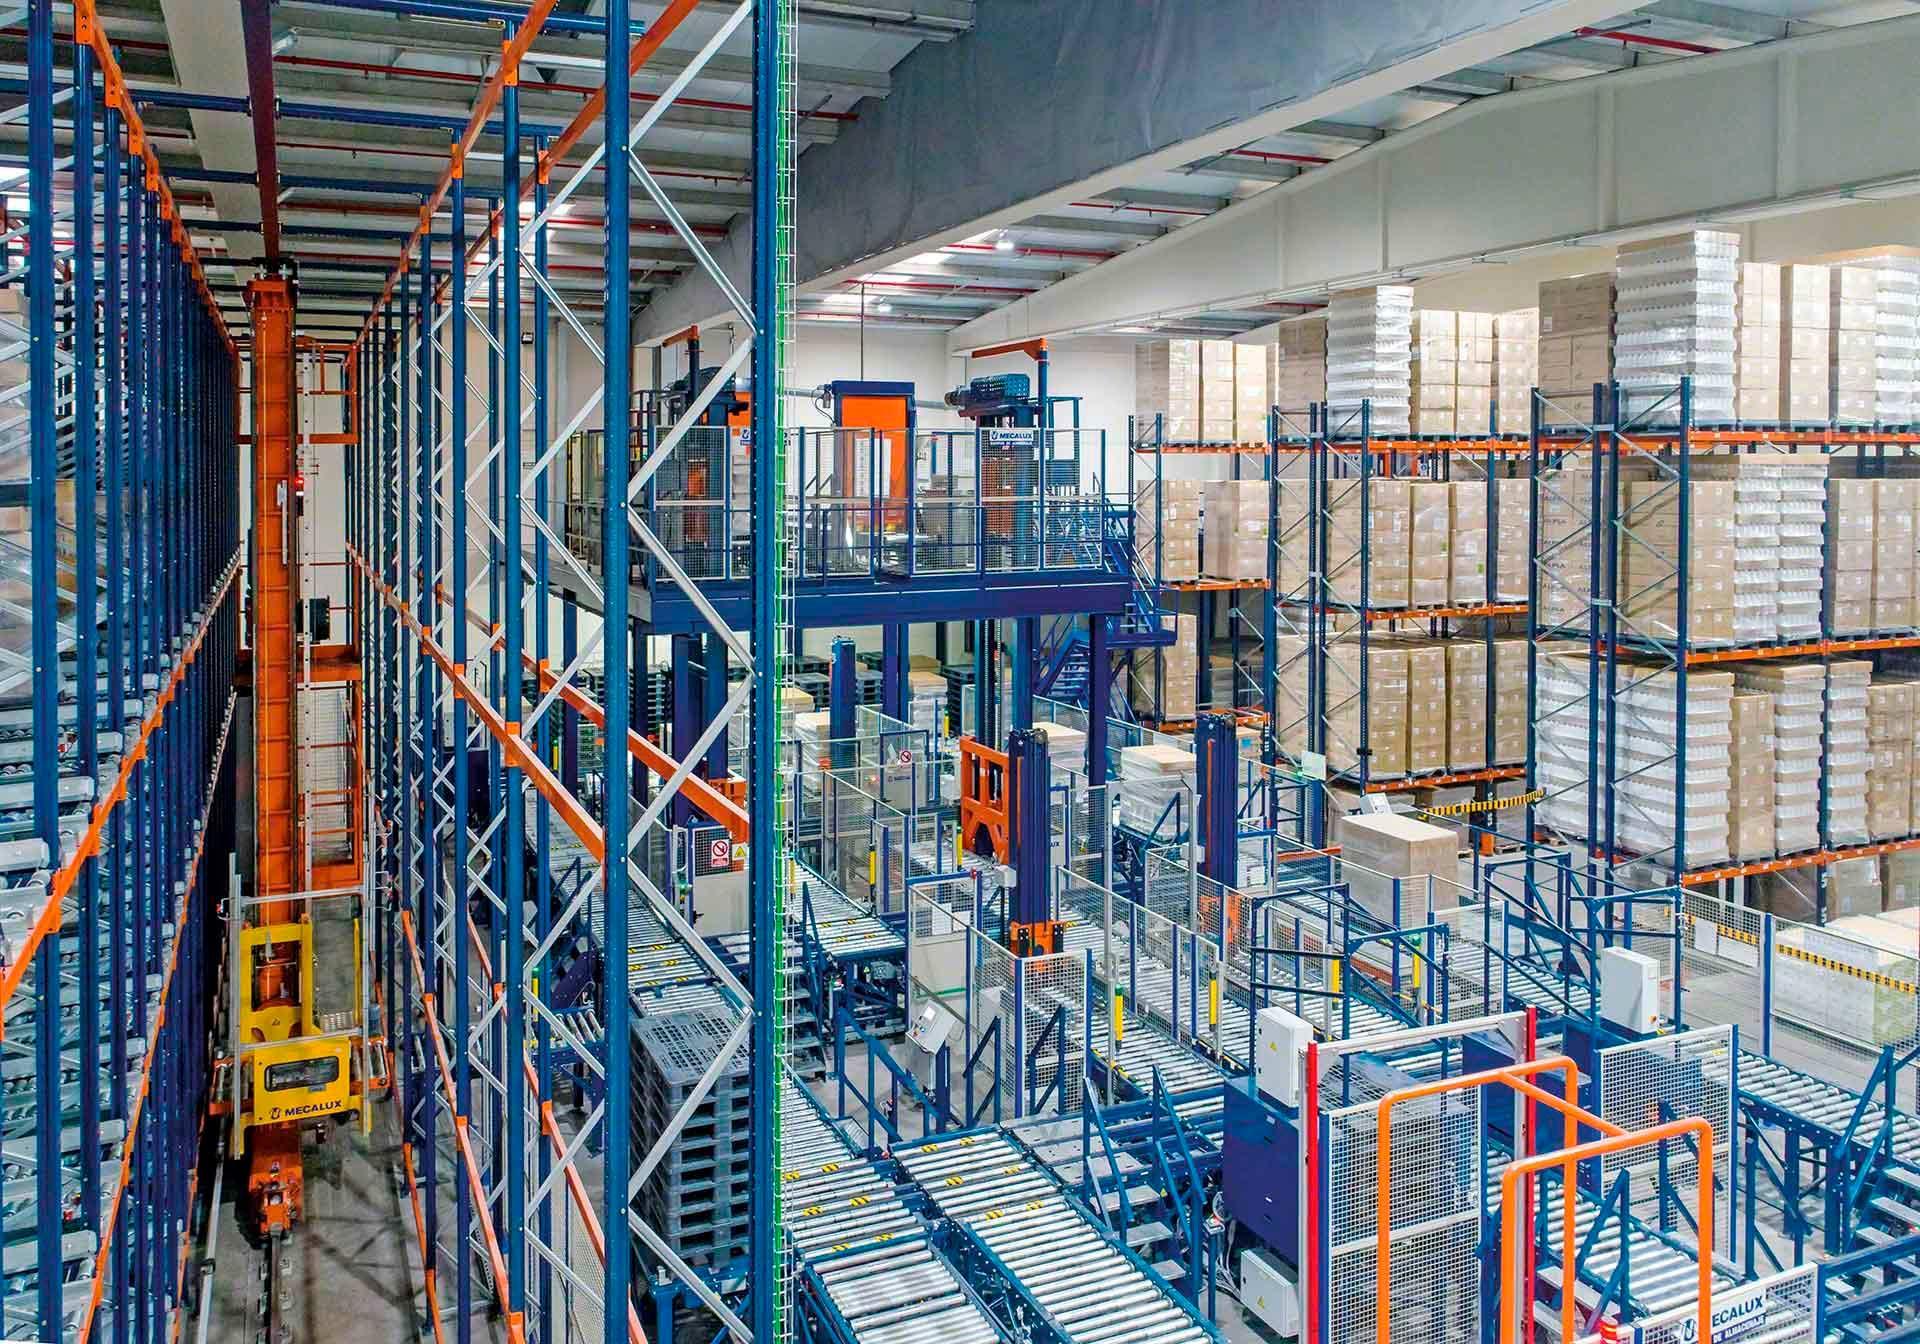 Différentes solutions de stockage automatisé installées dans un entrepôt robotisé